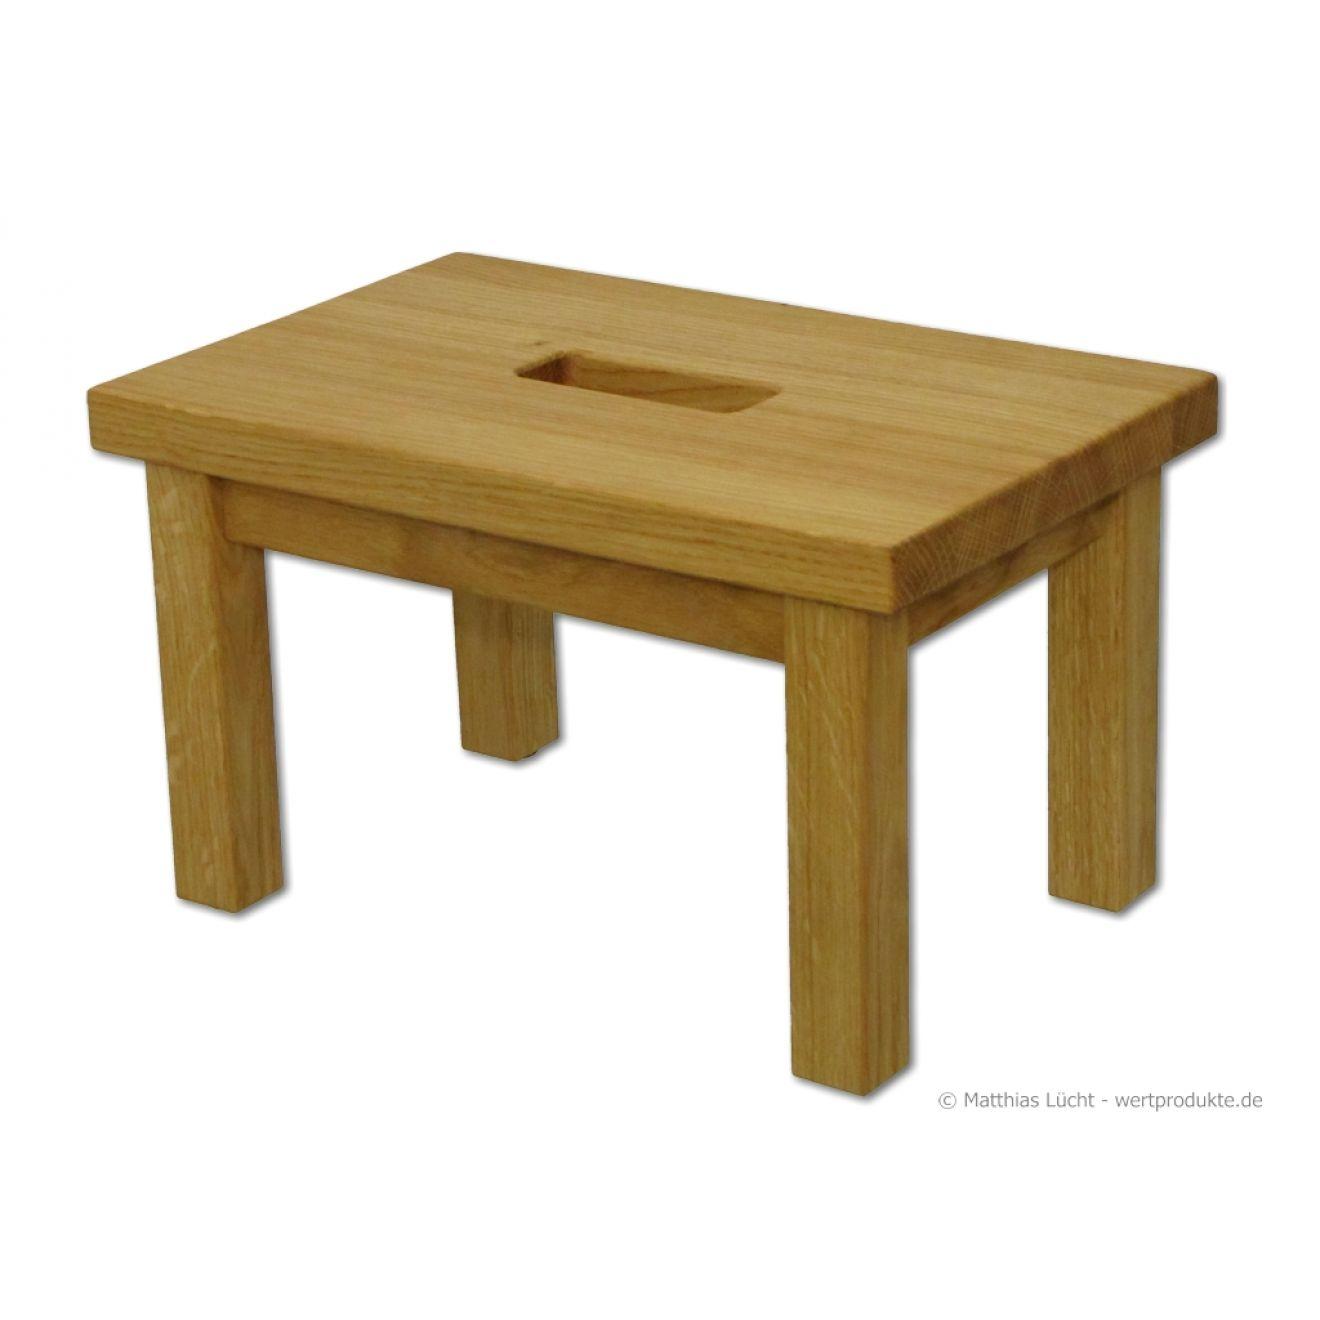 fu bank mit griffloch holz eiche fu hocker tritthocker schemel ge lt wertprodukte. Black Bedroom Furniture Sets. Home Design Ideas